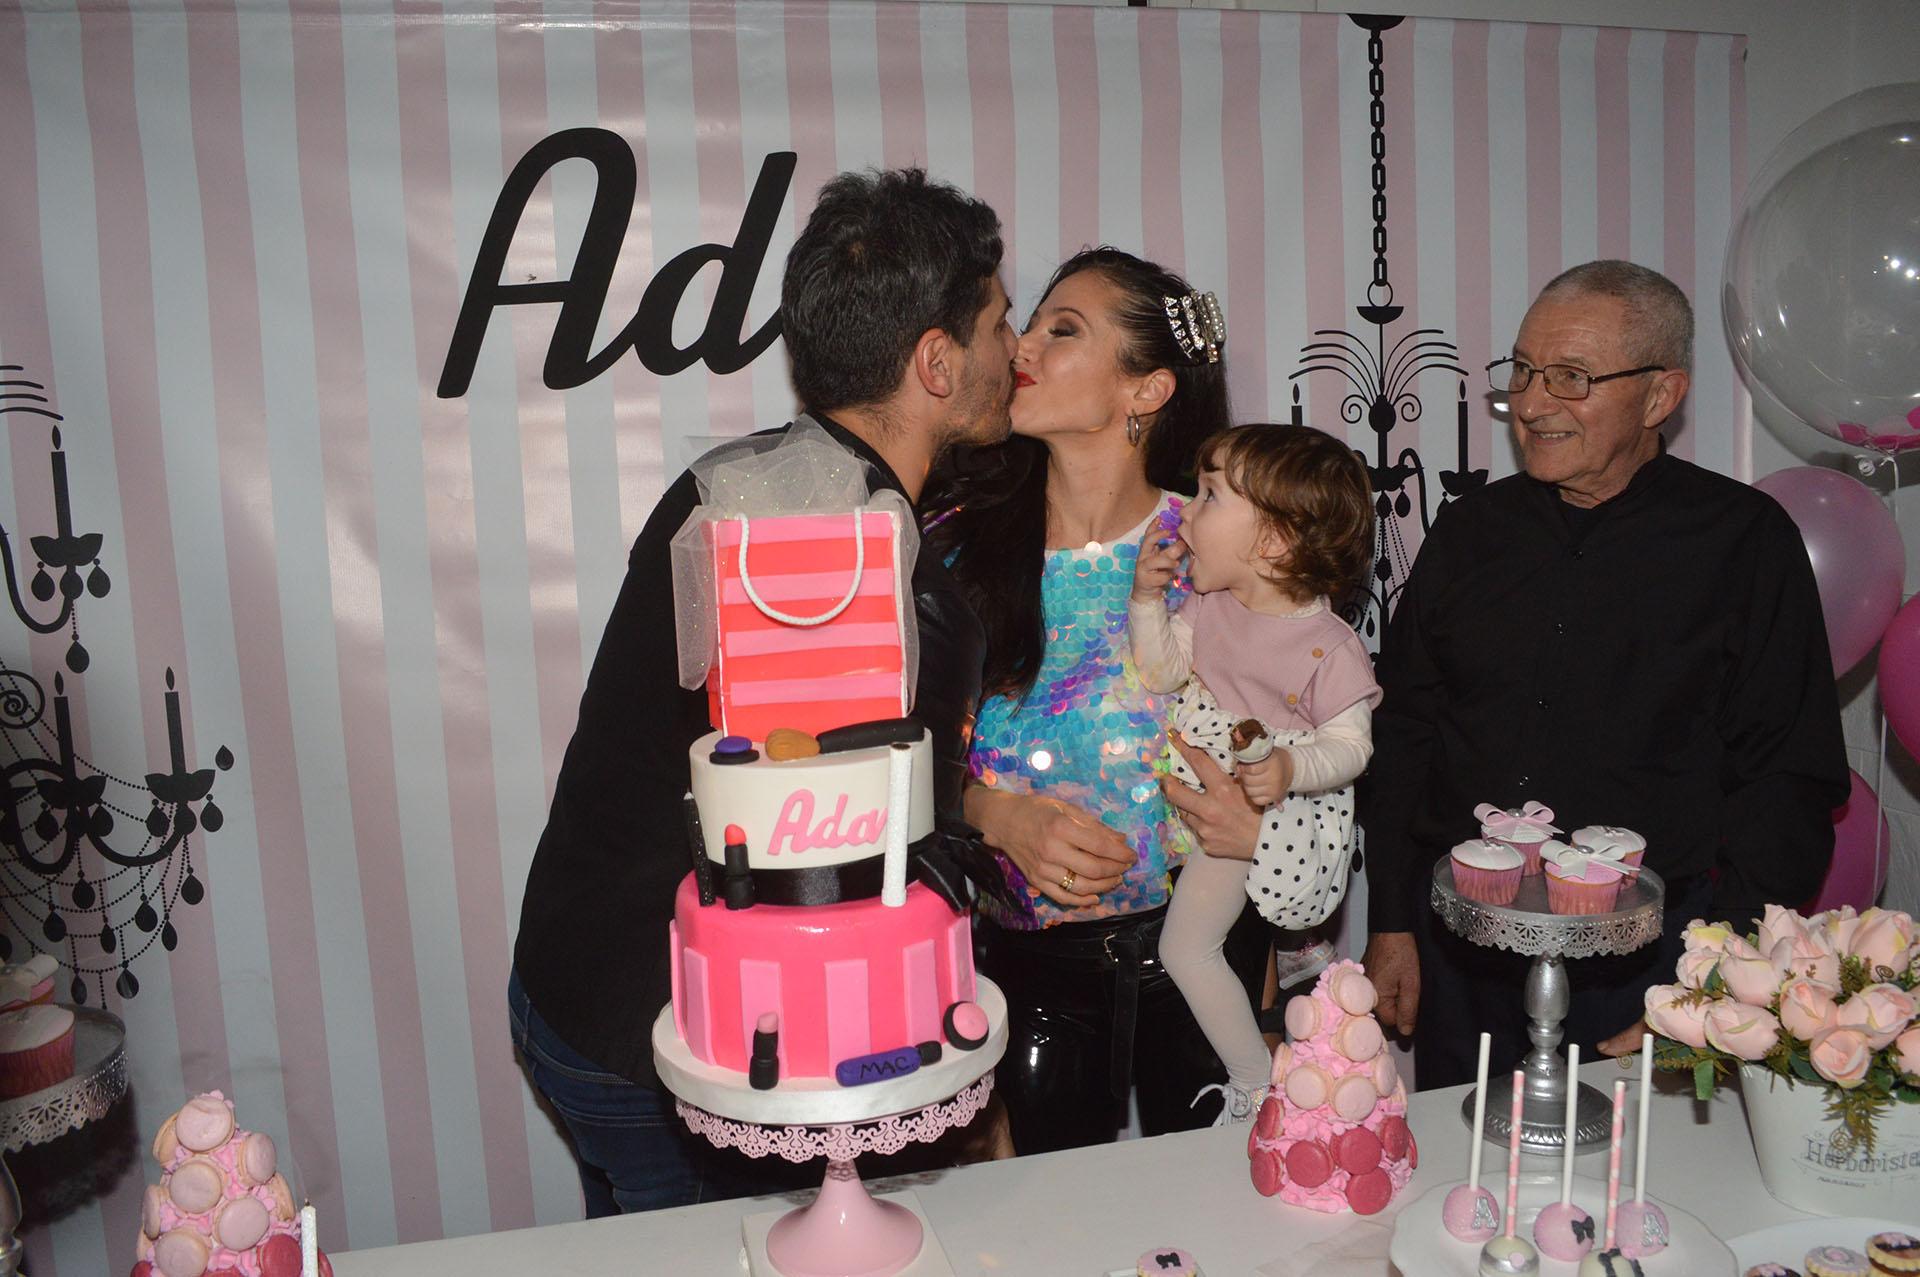 Adabel Guerrero celebró su cumpleaños número 40 junto a su pareja, Martín Lamela, y su hija Lola (Fotos: Jorge Amado Group)